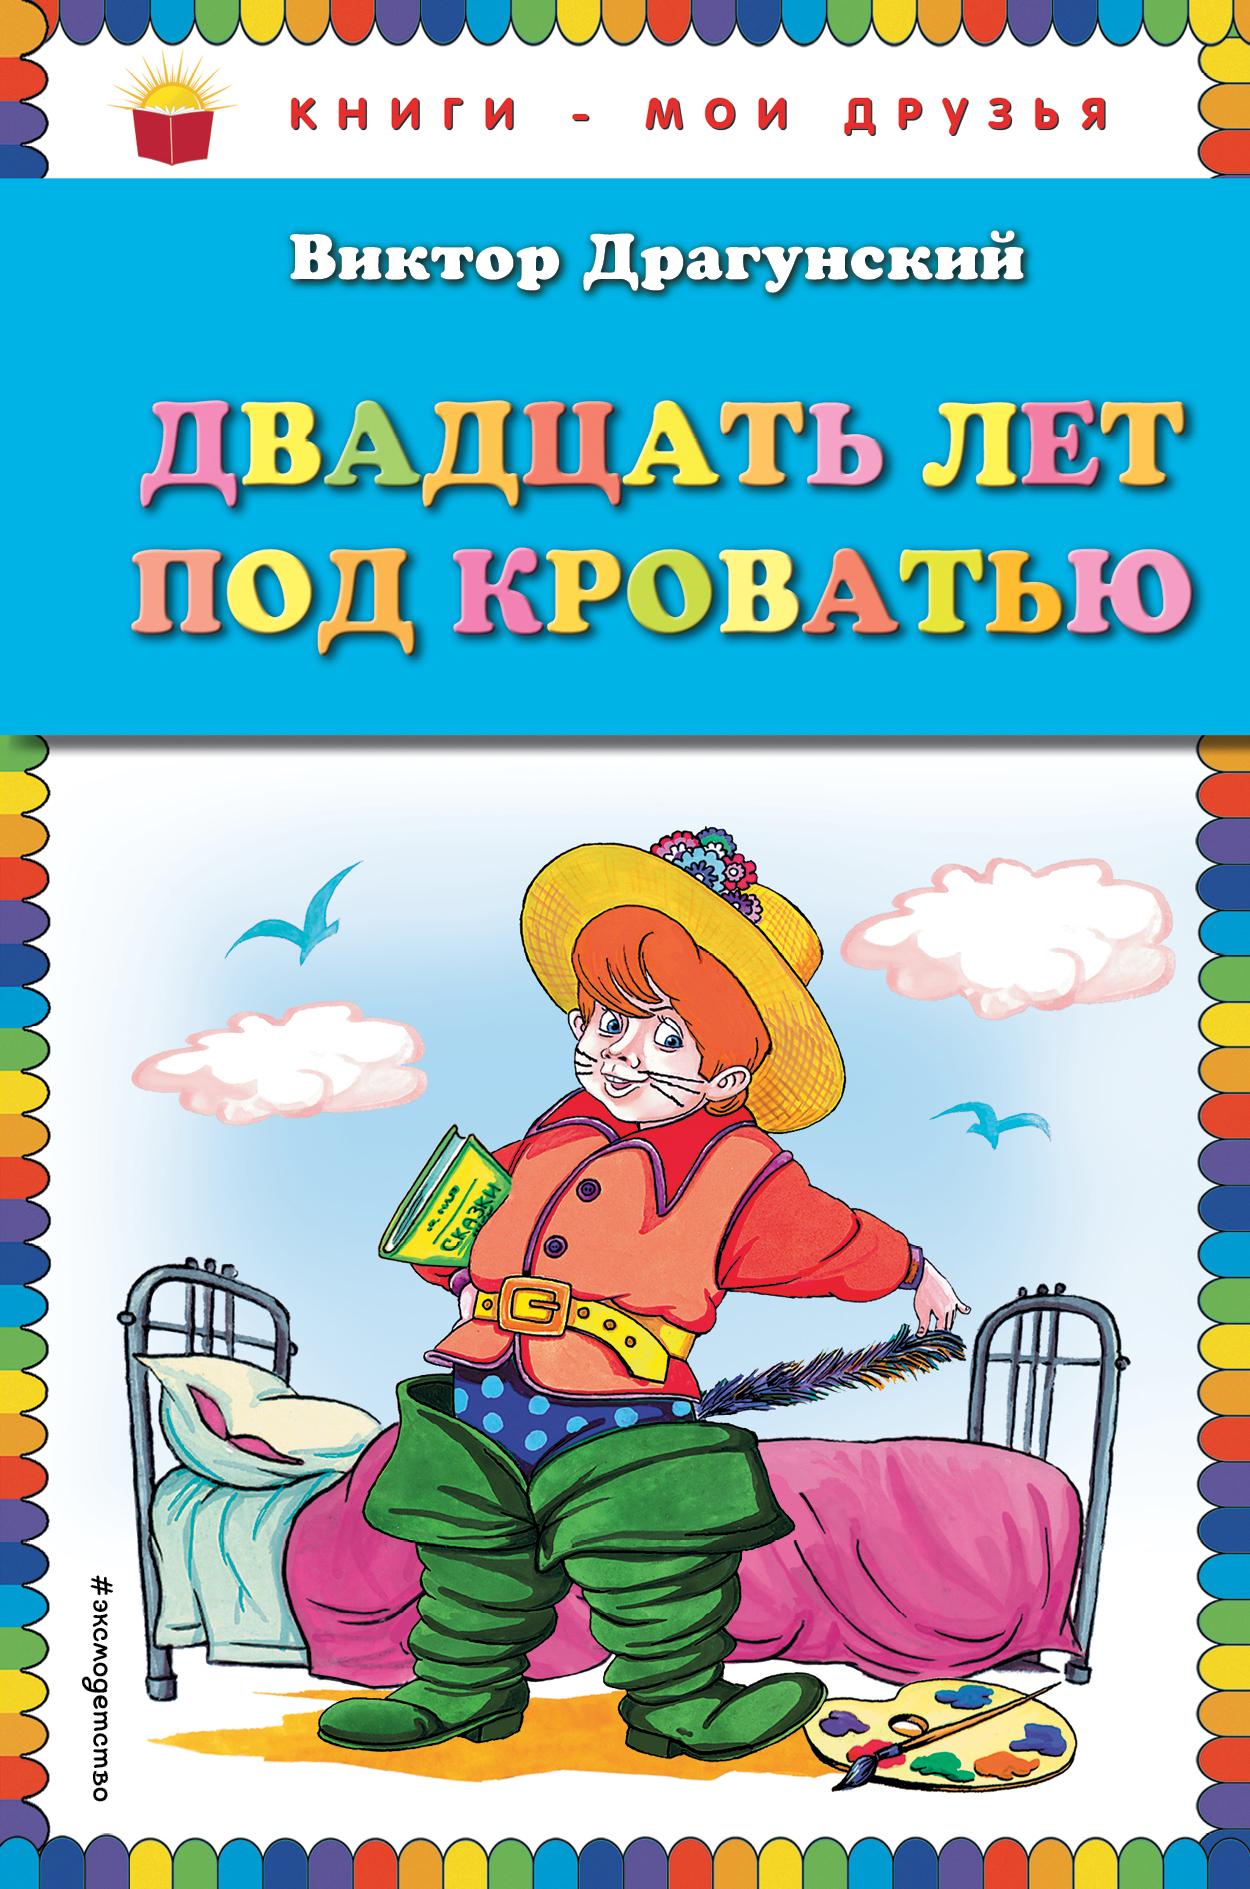 Драгунский Виктор Юзефович Двадцать лет под кроватью (ил. А. Разуваева) виктор драгунский шляпа гроссмейстера